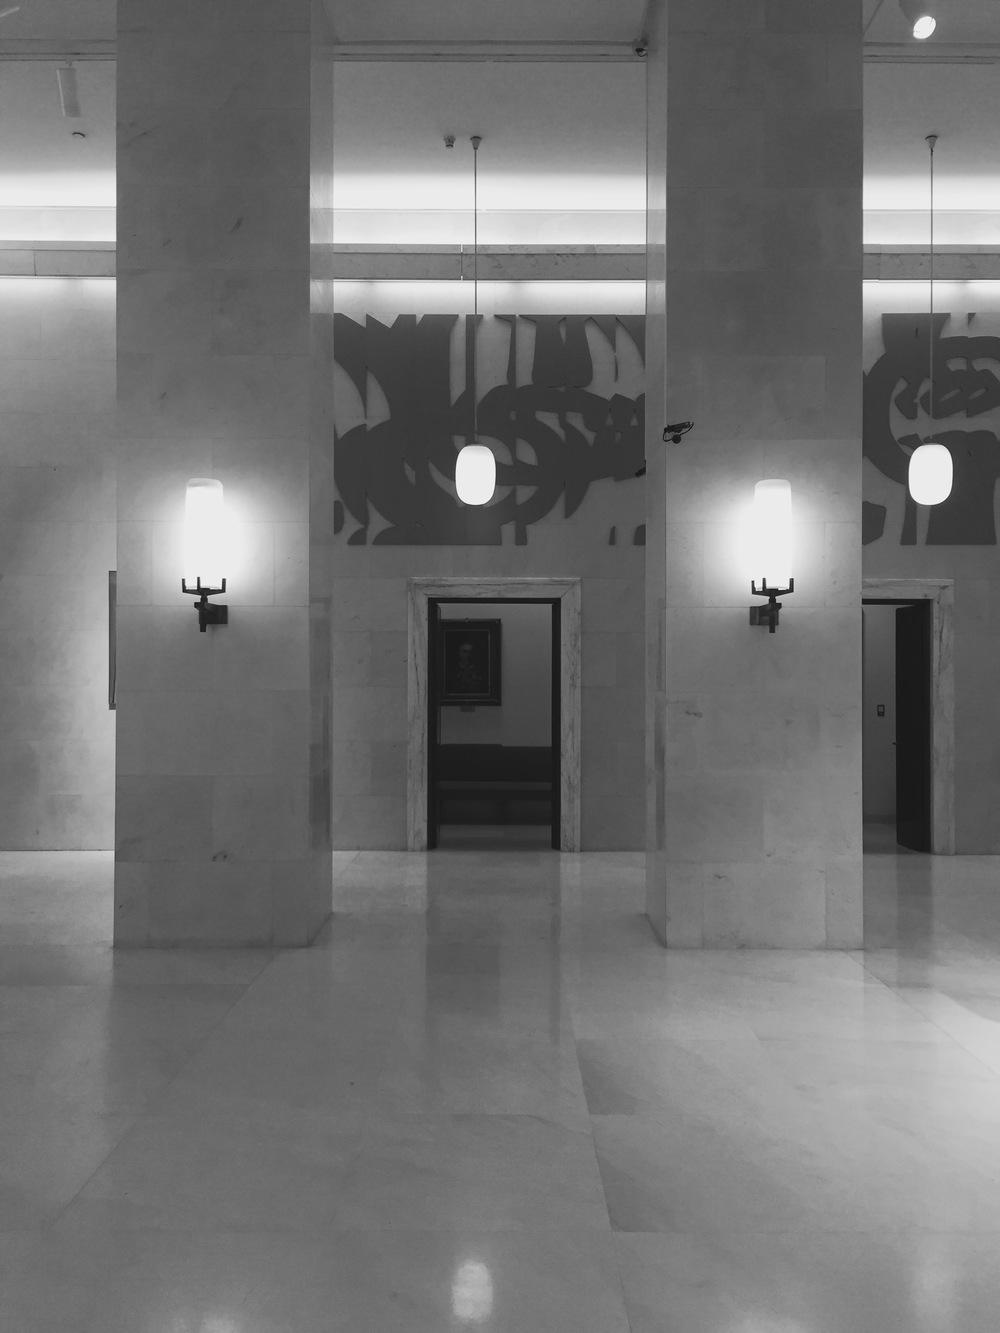 ministero-degli-affari-esteri-denis-bosnic-photography-porte-aperte-farnesina-indietro-interior-15.jpg